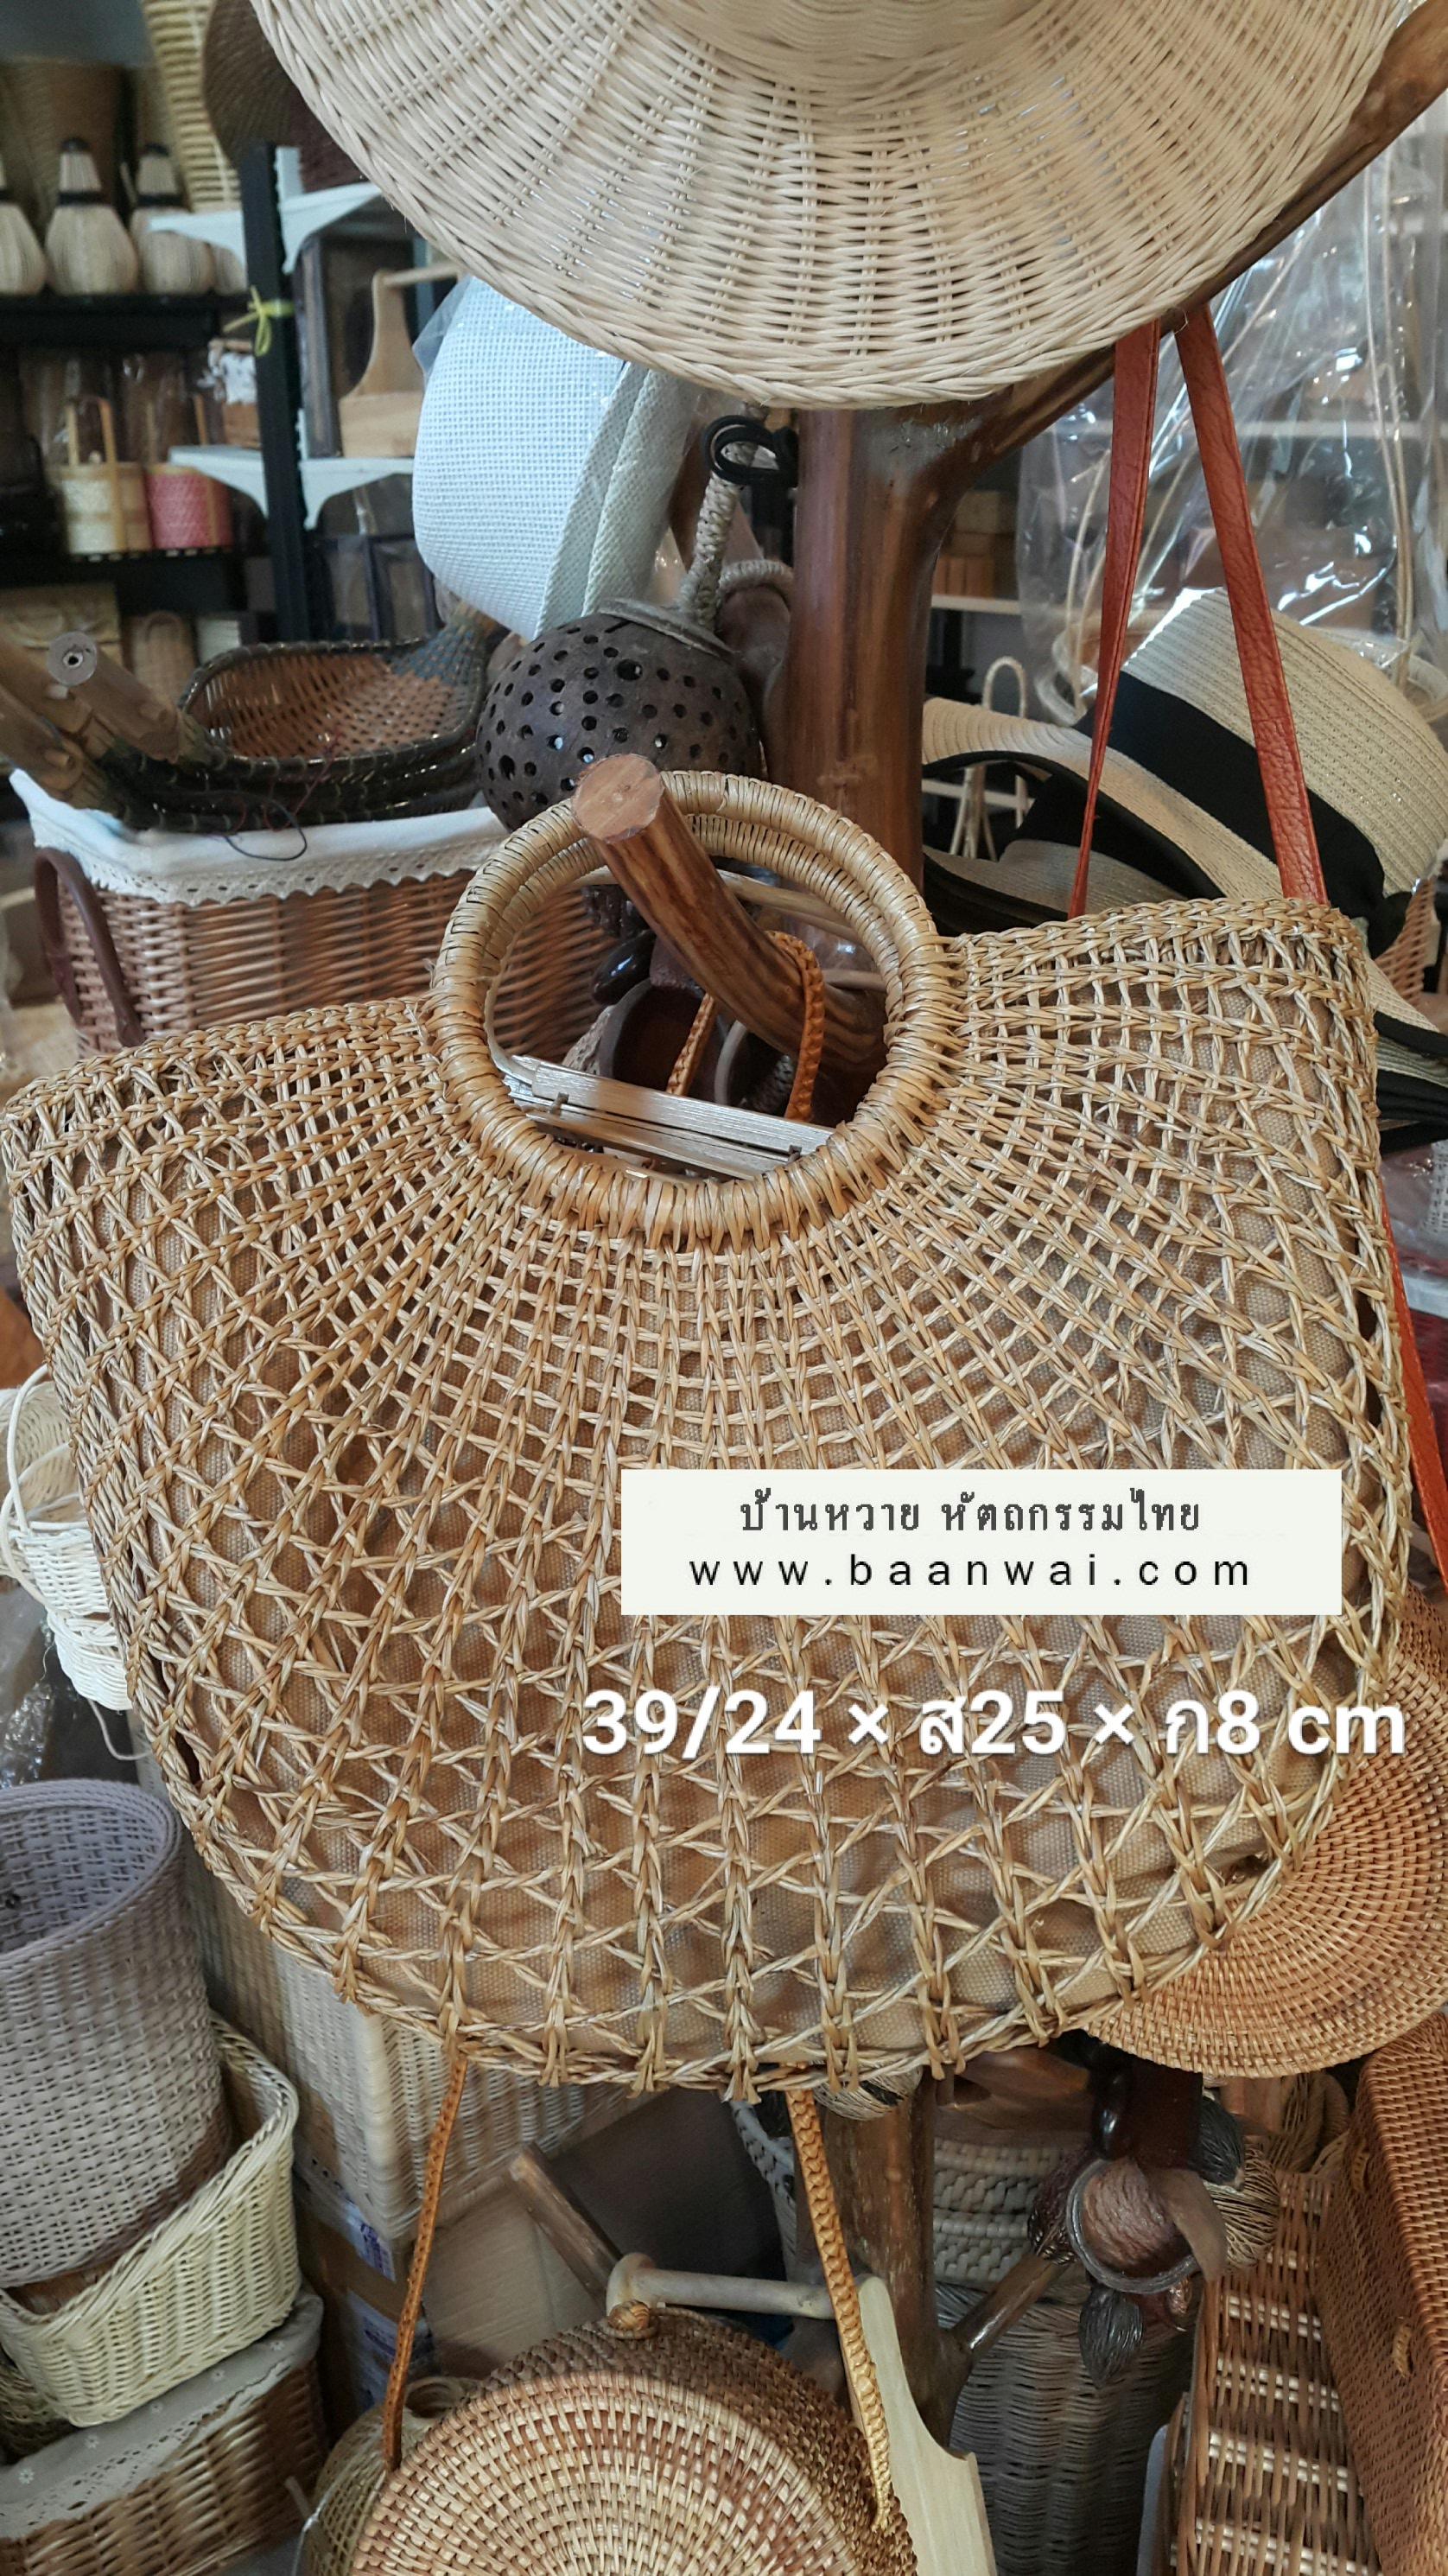 กระเป๋าสาน สไตส์ญี่ปุ่น